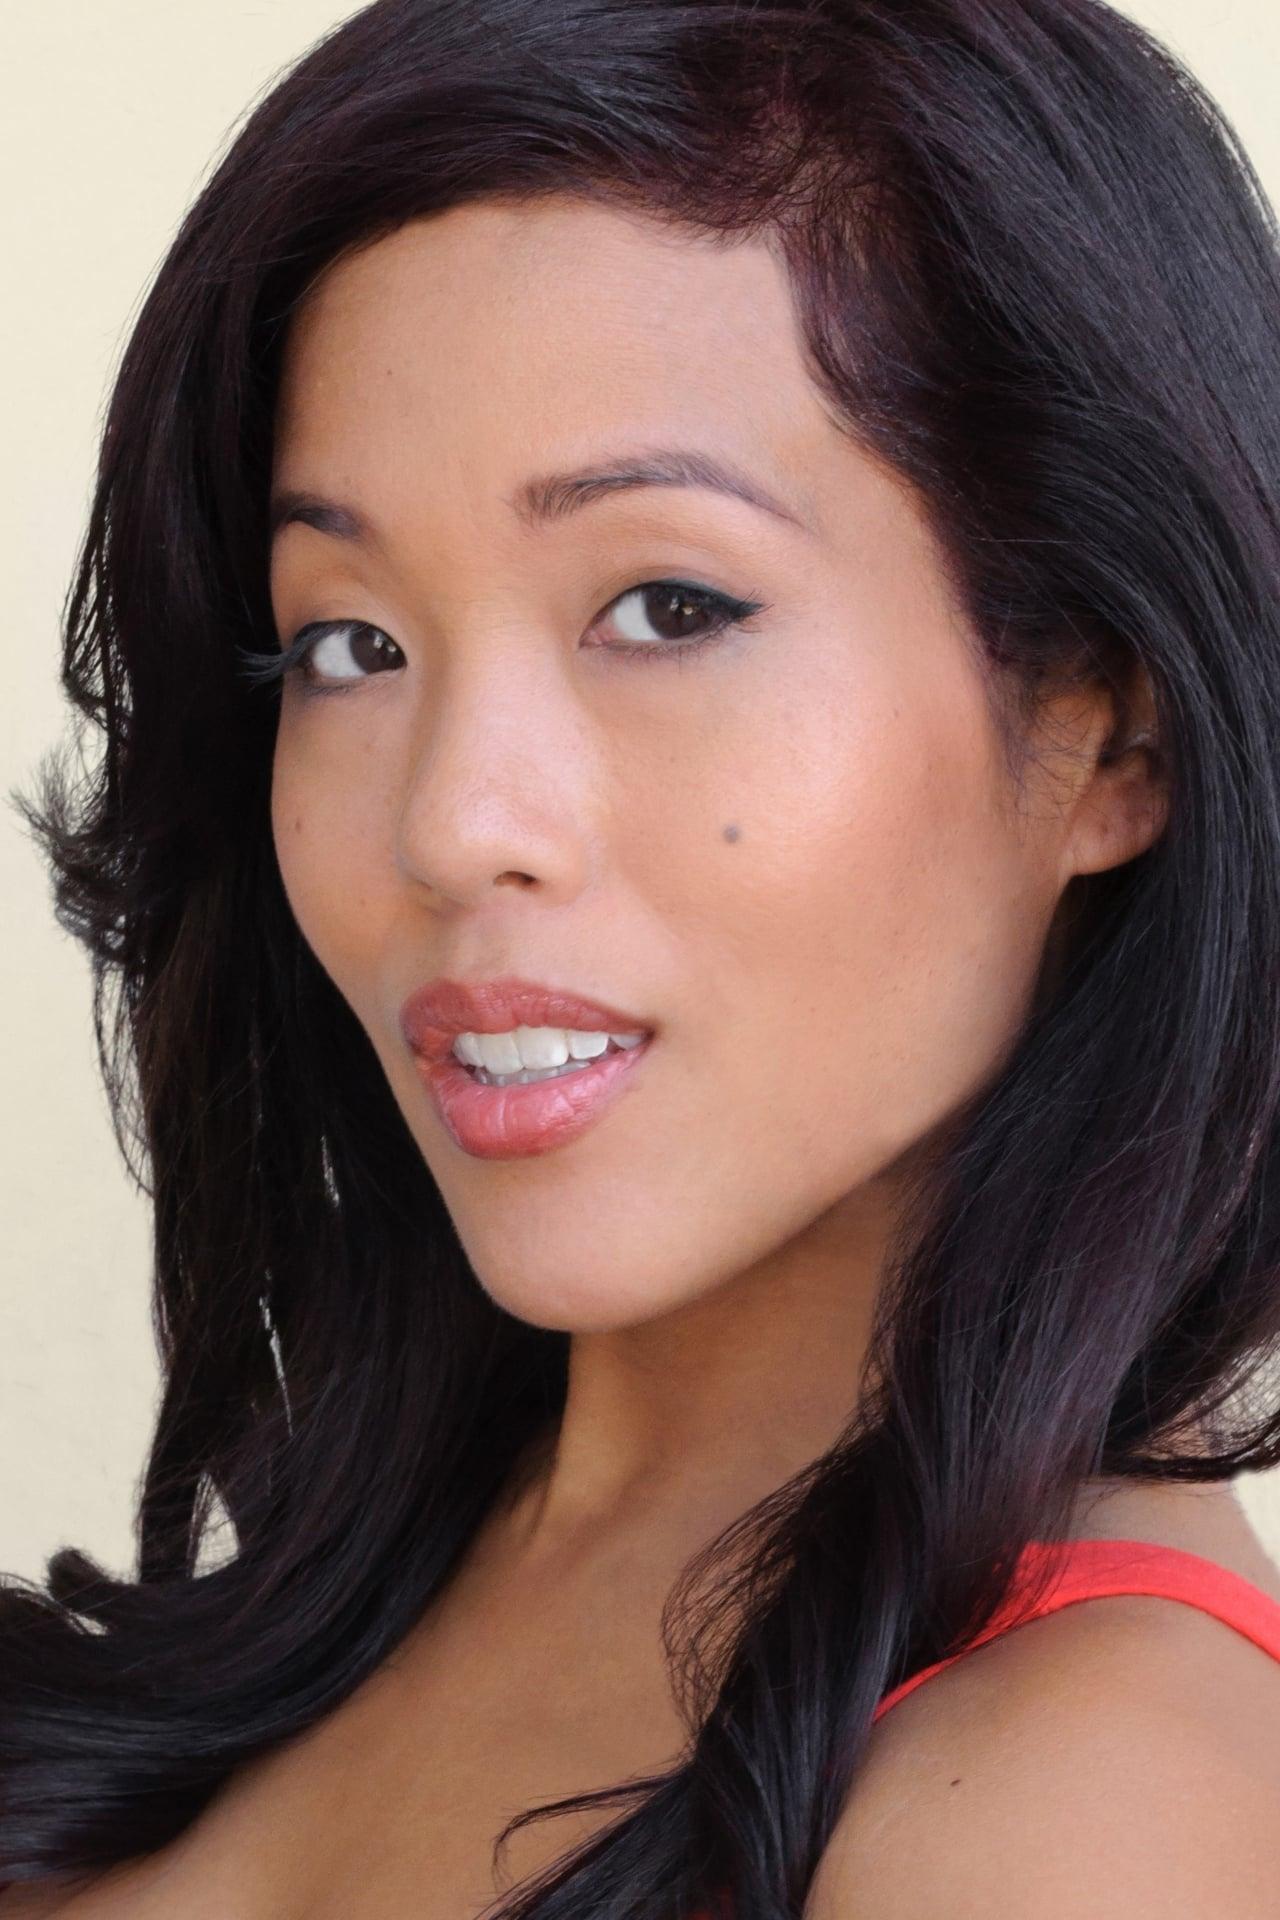 Diana Toshiko